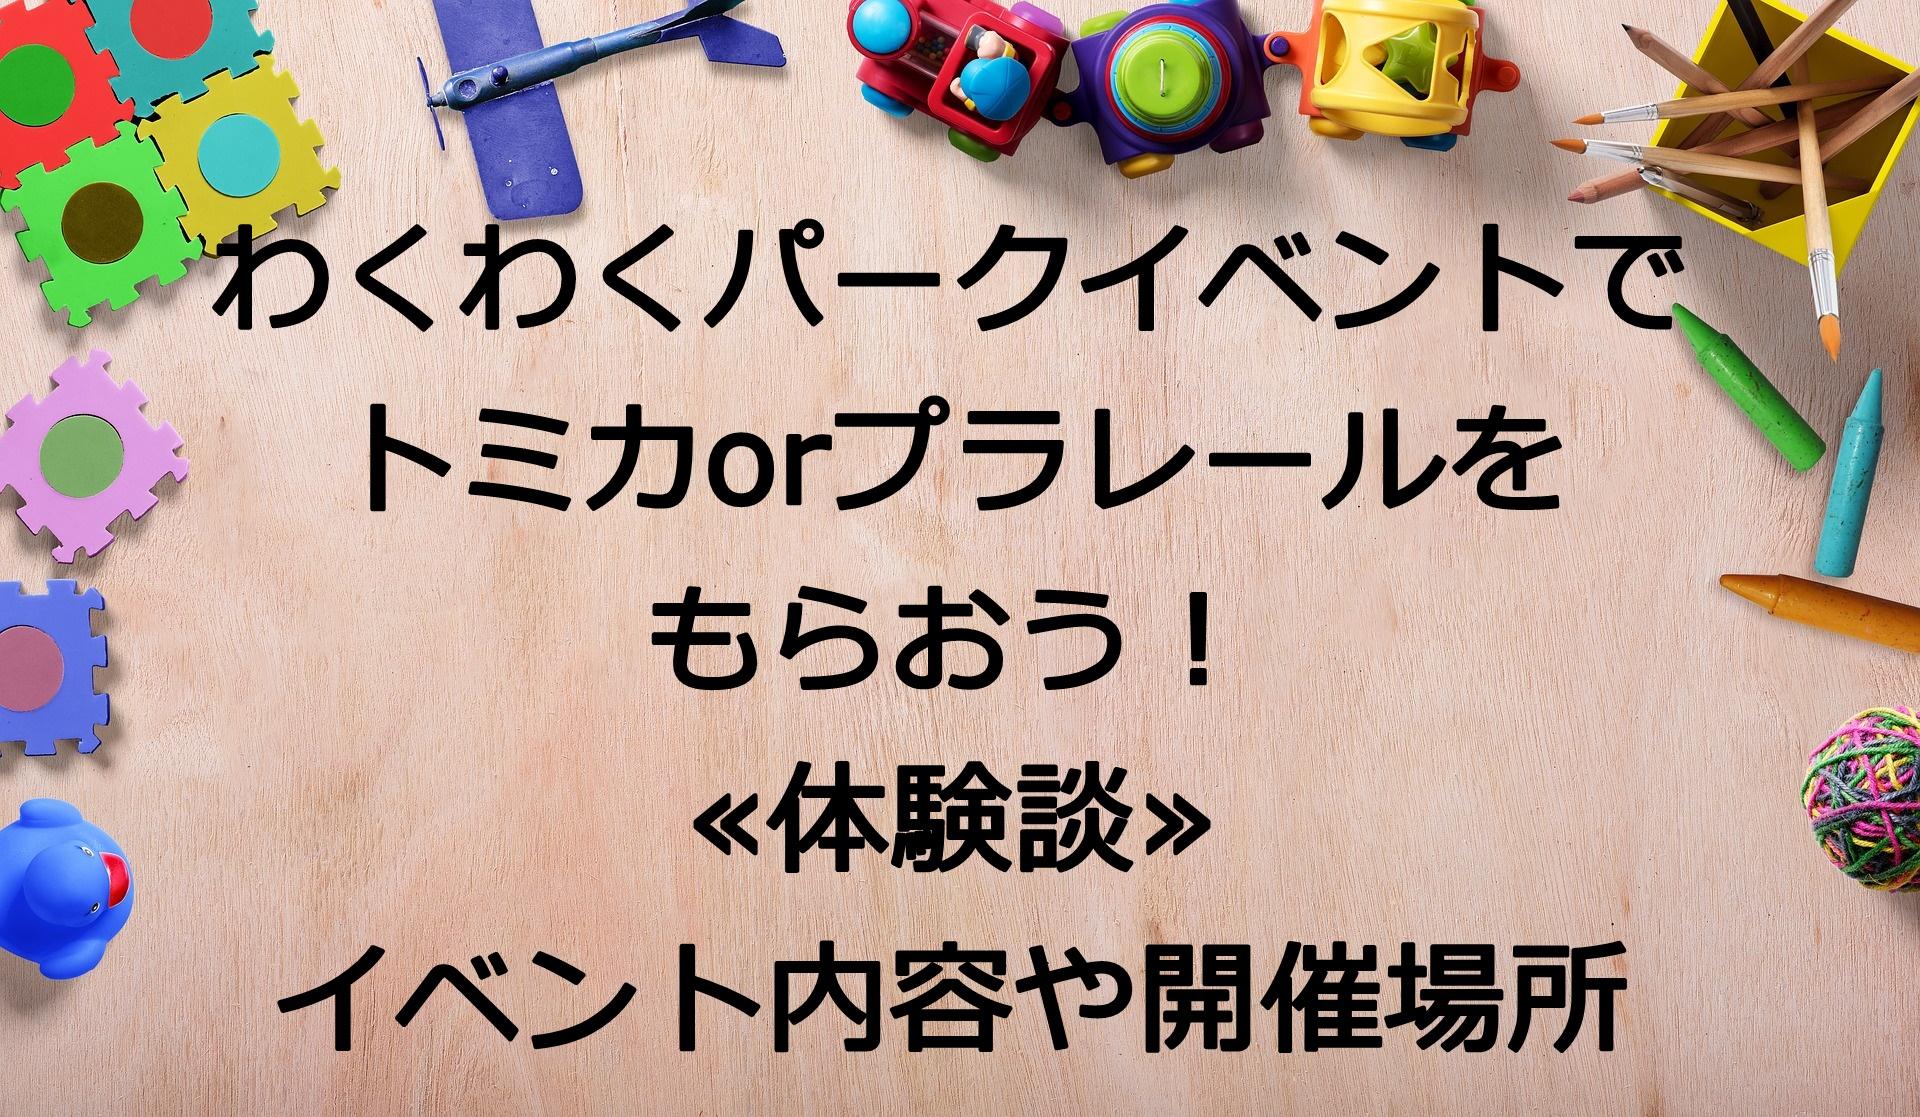 【タマホーム】トミカorプラレールが貰える!わくわくパークイベント内容をご紹介!